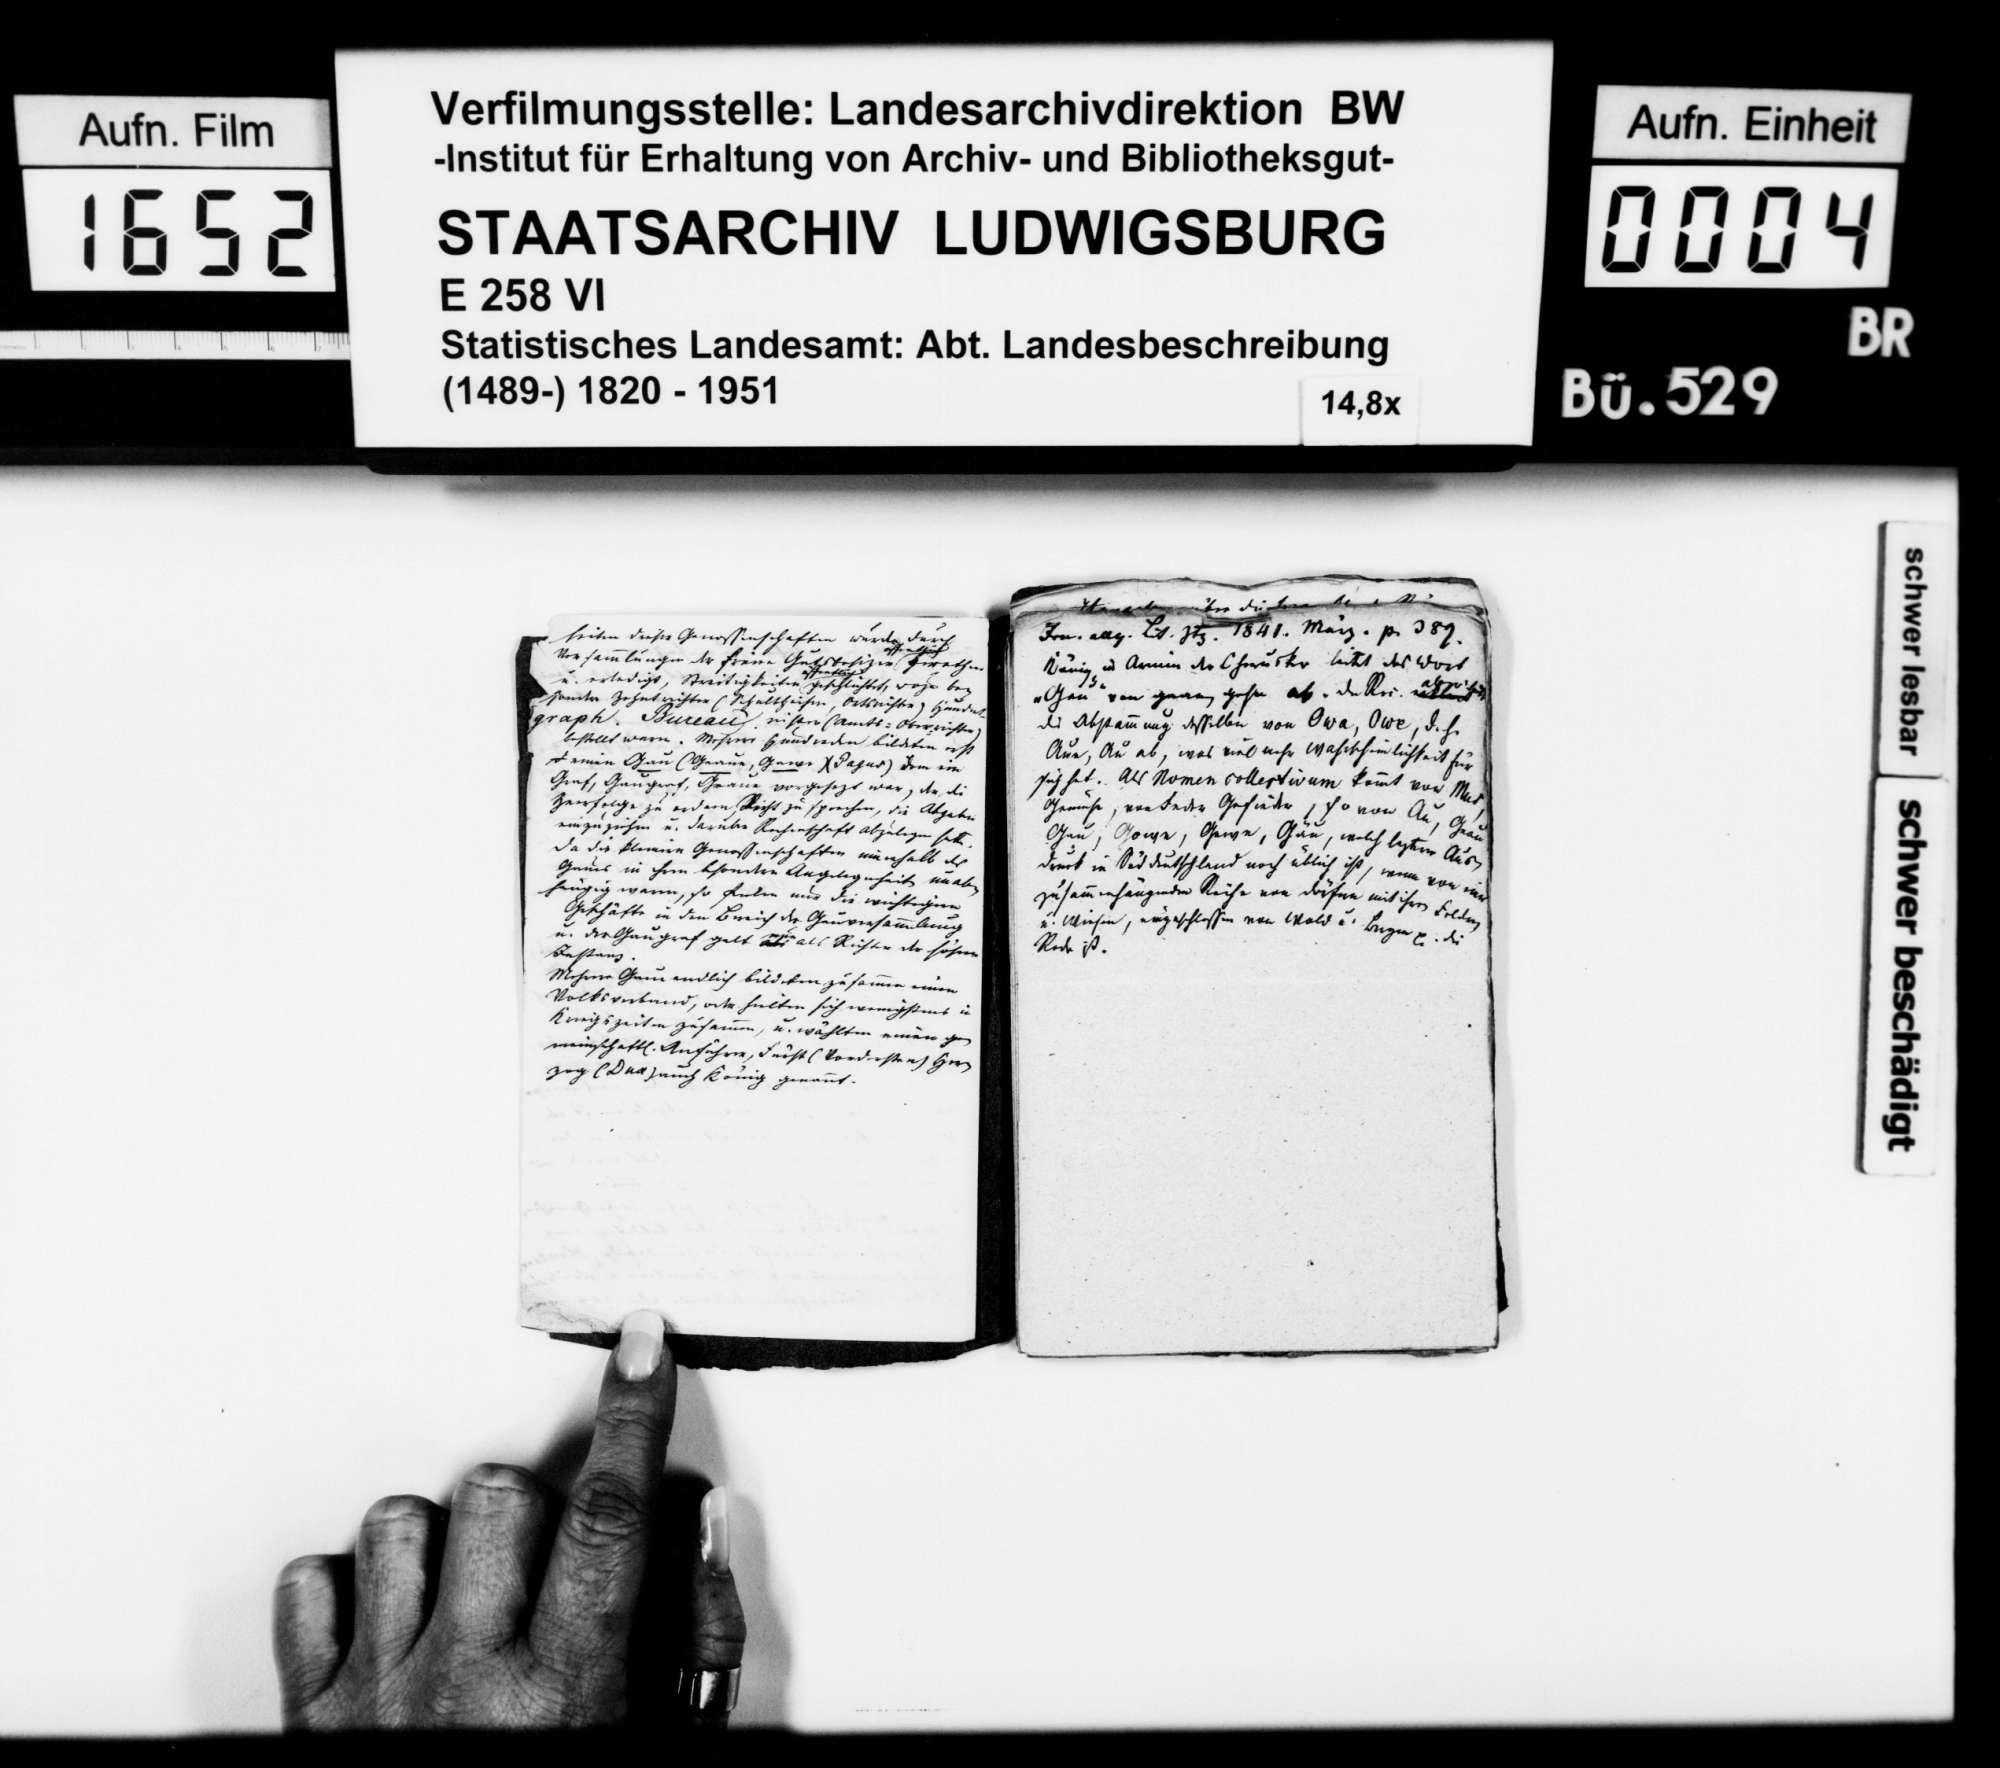 Notizen und Exzerpte [des Trigonometers Diezel in der Kanzlei des STBs] zu verschiedenen Wissensgebieten, bezogen auf das Königreich Württemberg, Bild 3